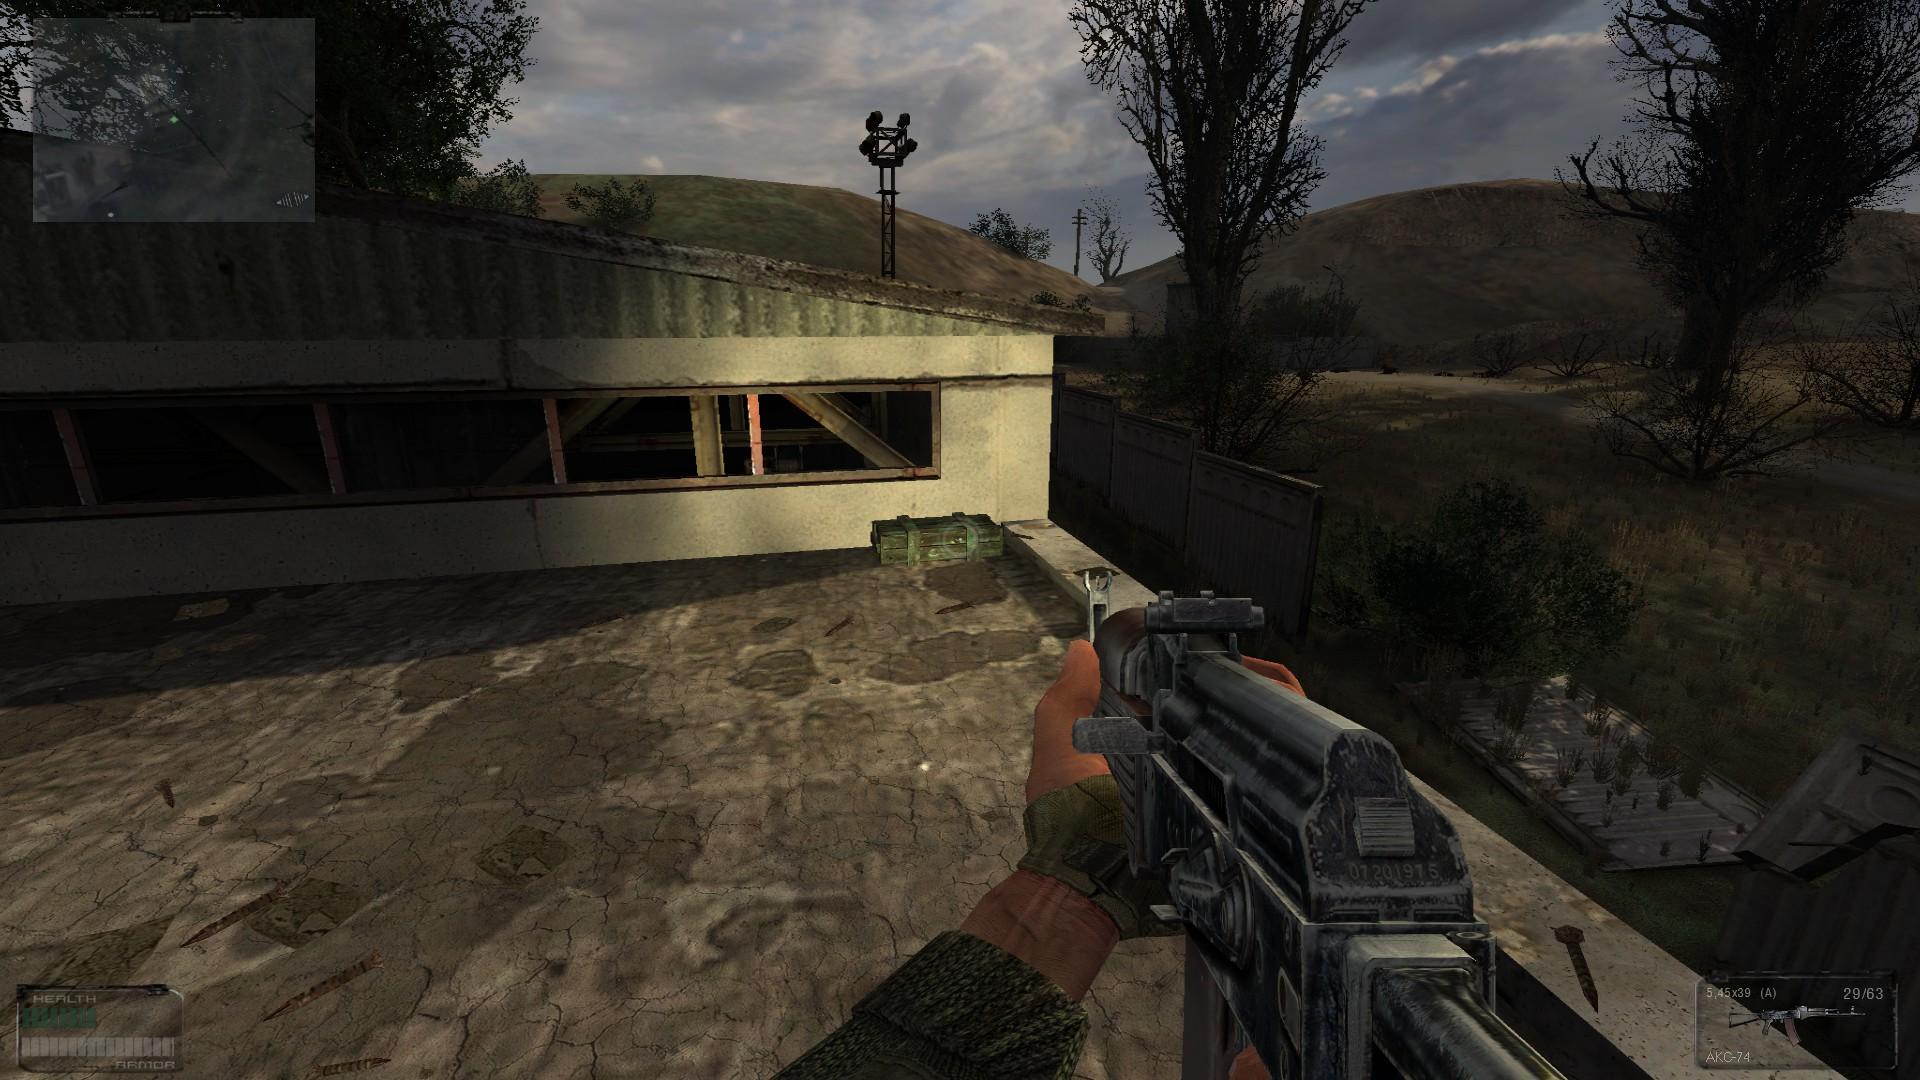 Oblivion Lost Remake 2.5 image 217